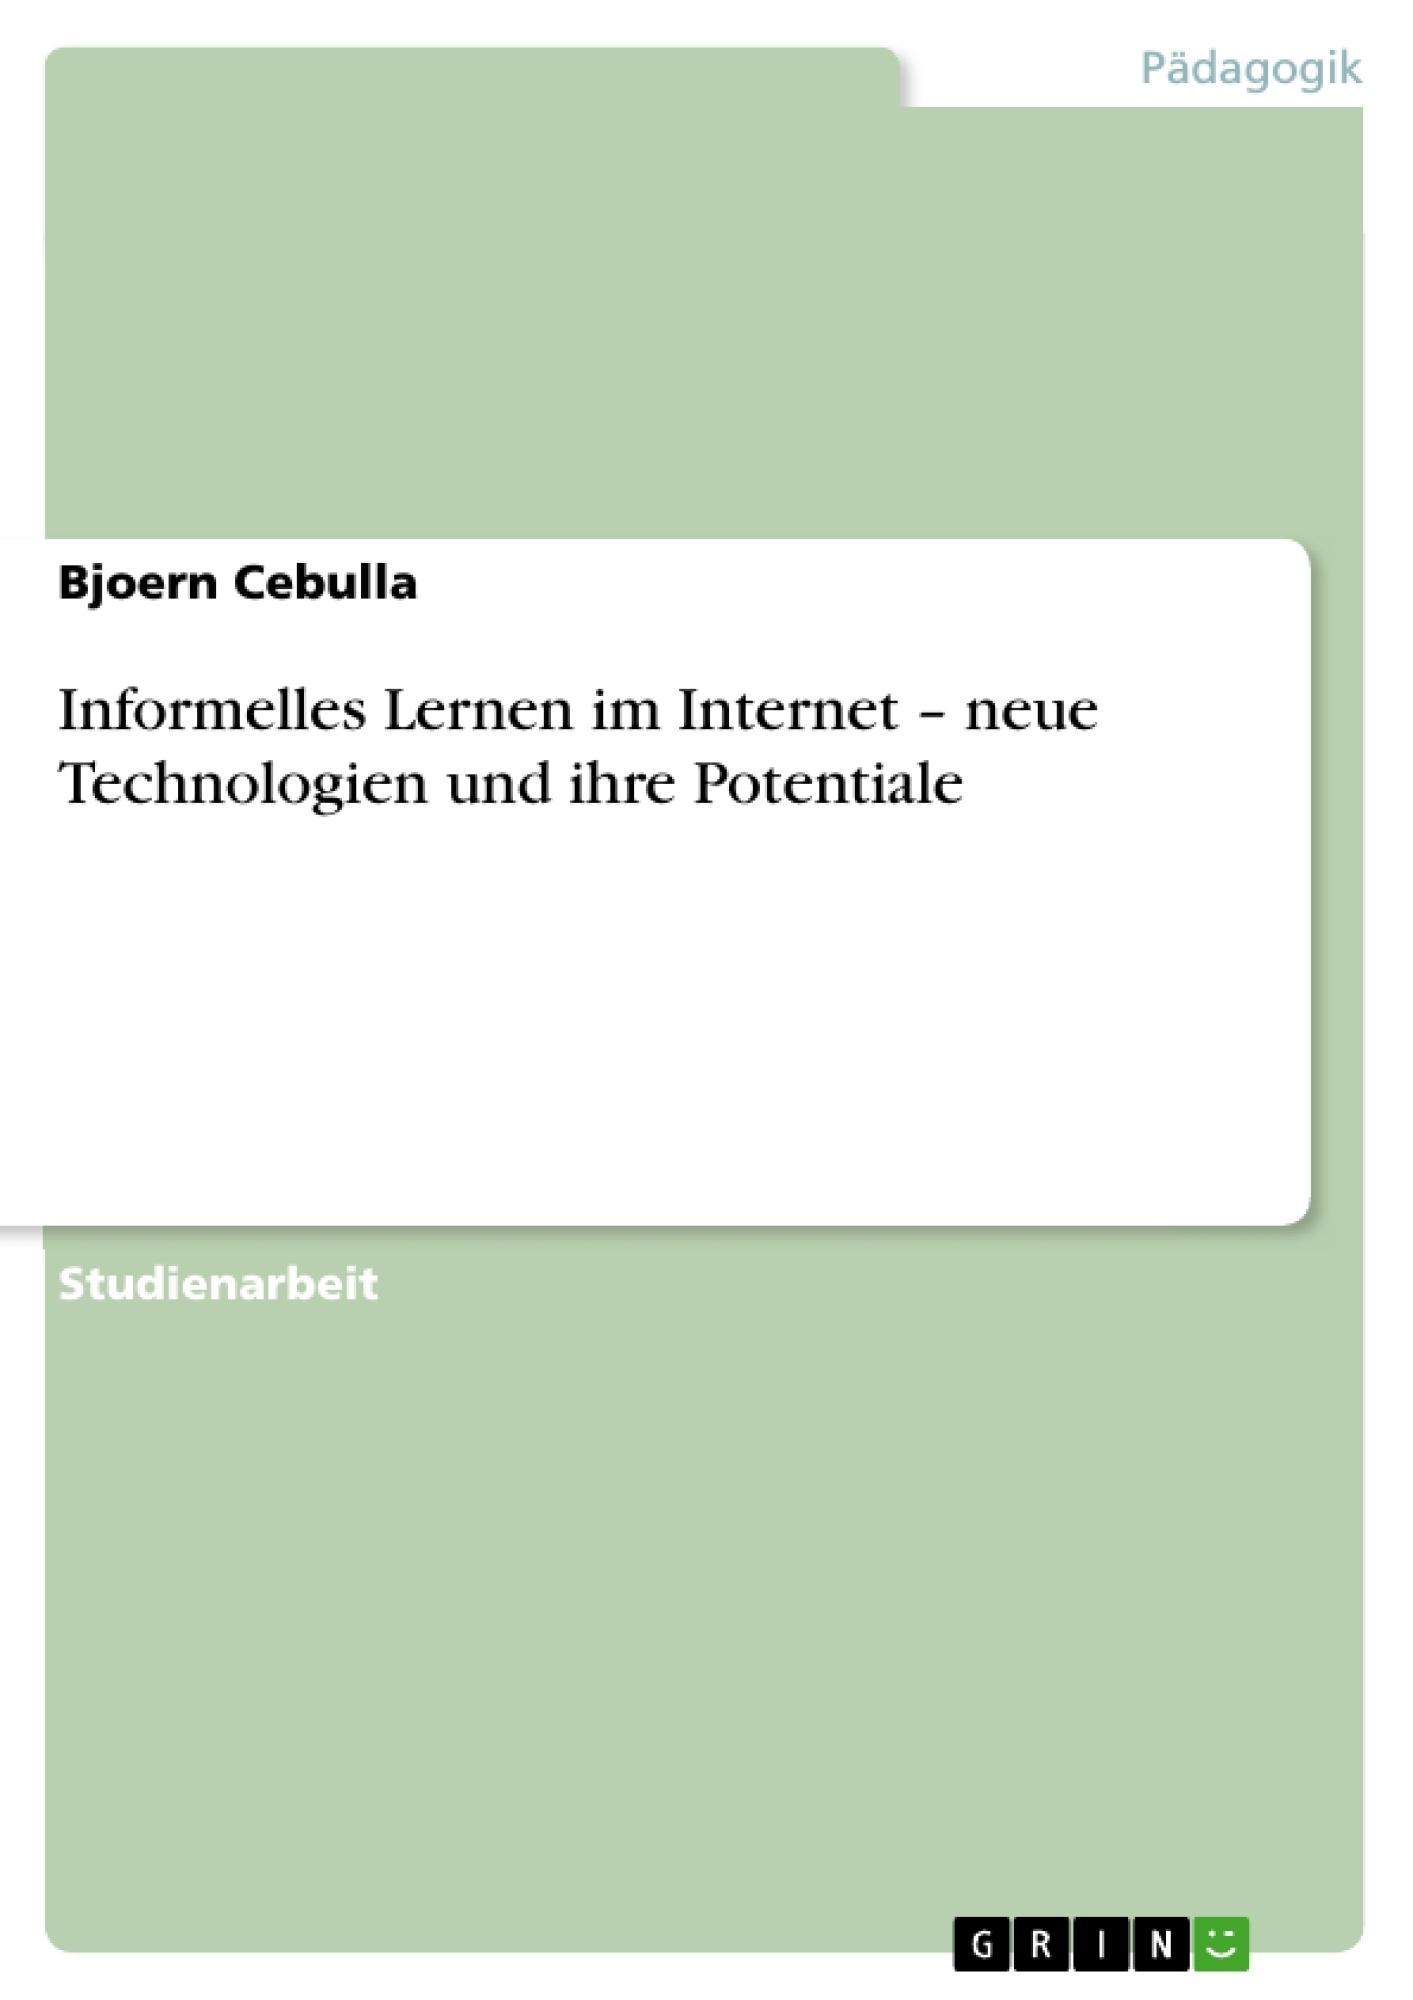 Titel: Informelles Lernen im Internet – neue Technologien und ihre Potentiale